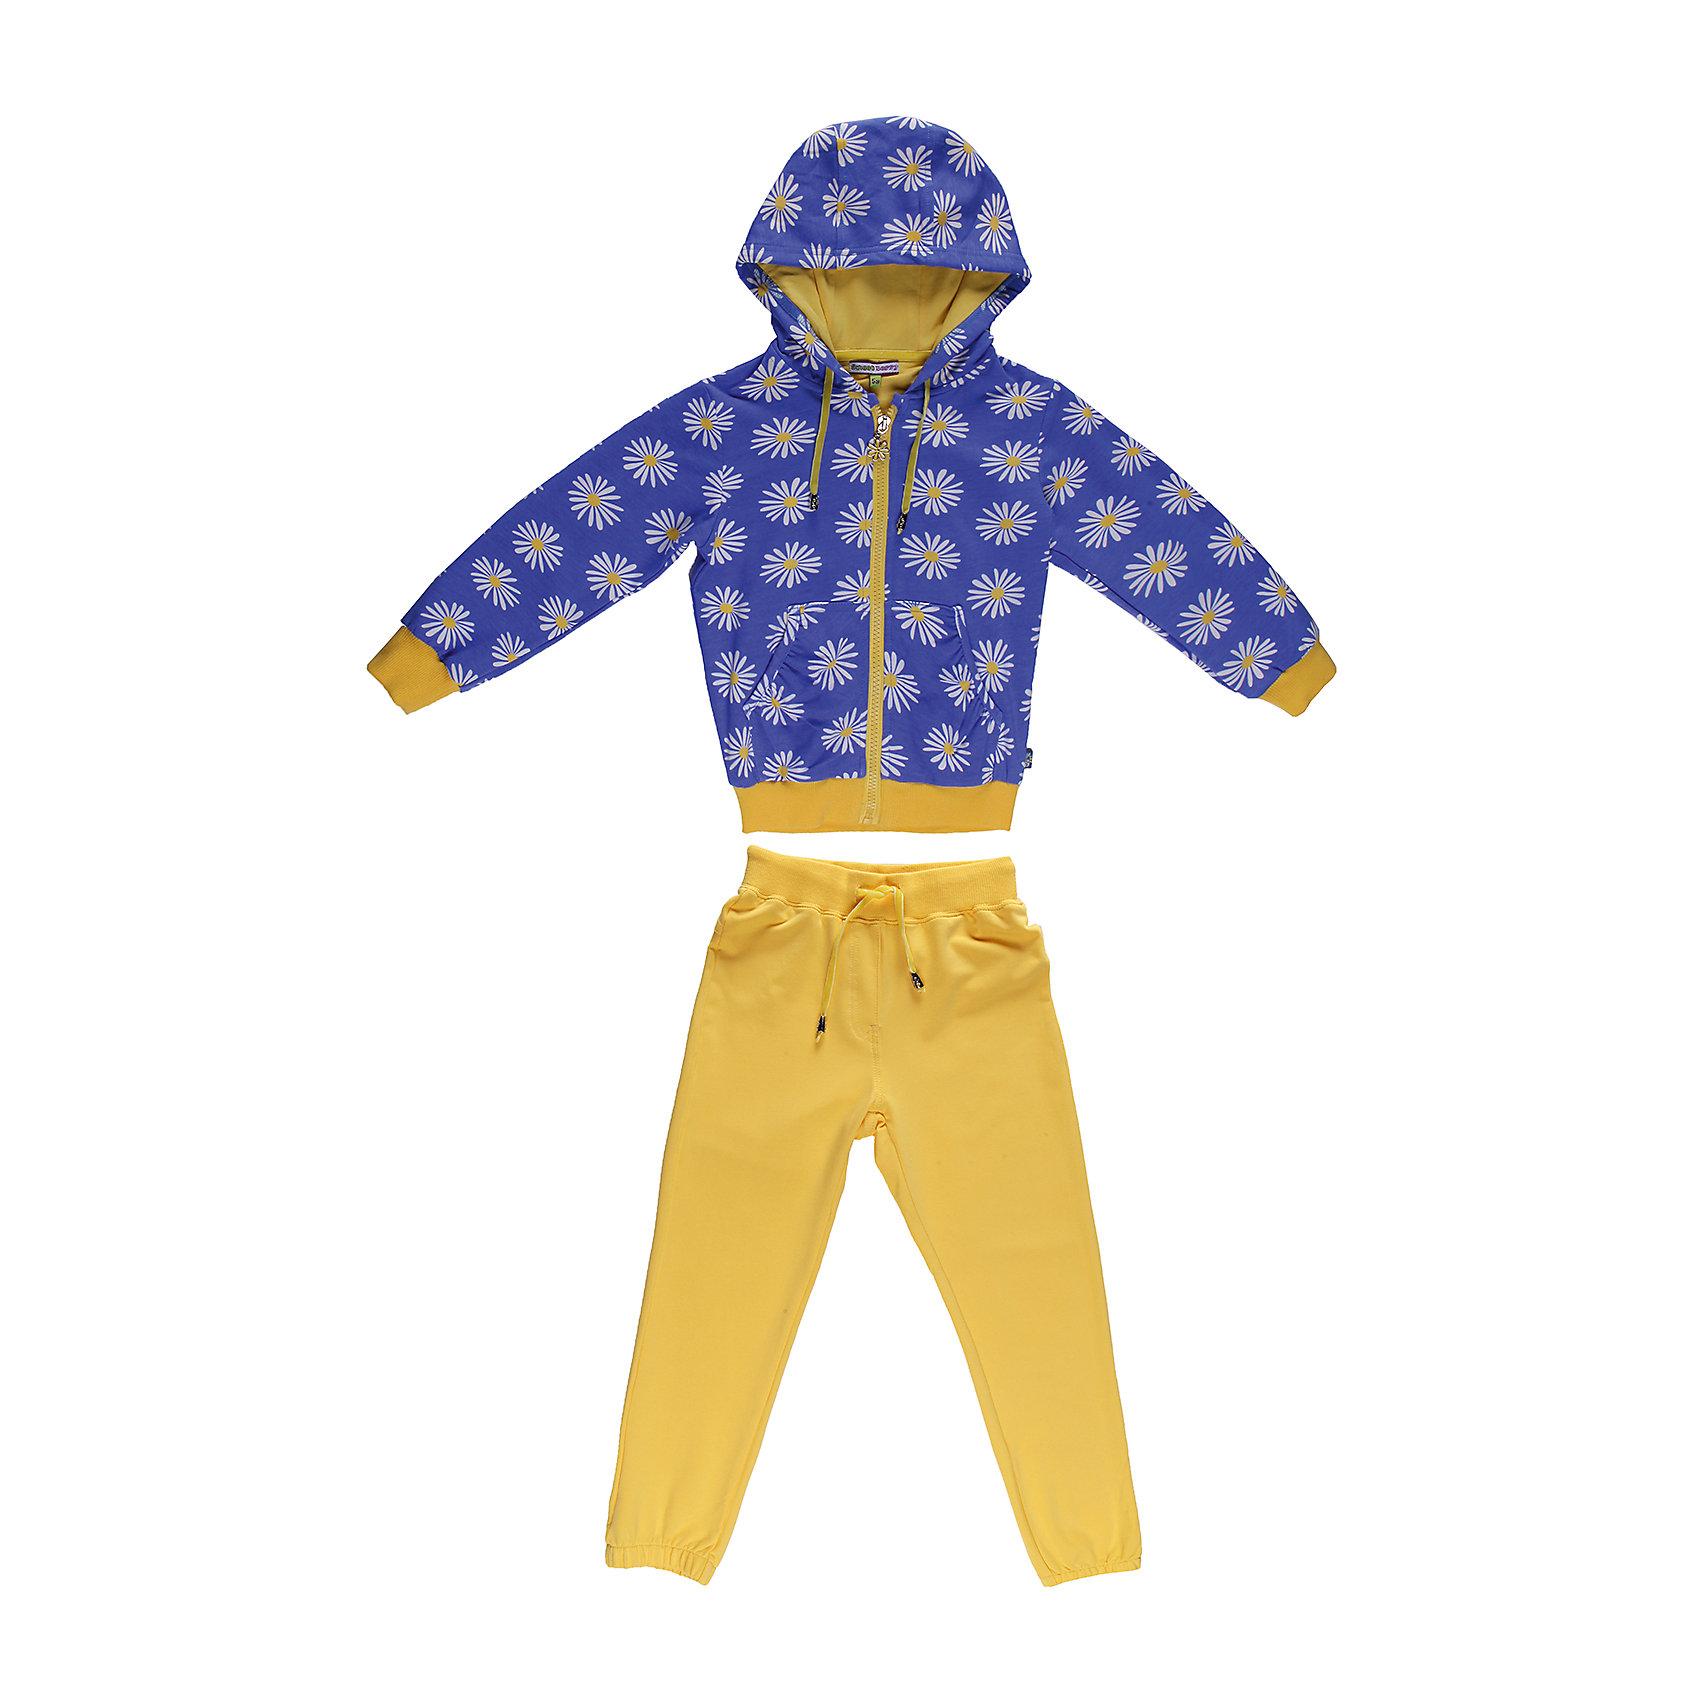 Спортивный костюм для девочки Sweet BerryКомплекты<br>Яркий  комлект из плотного трикотажа.  Манжеты, низ толстовки и пояс брюк- трикотажная резинка. Пояс регулируется шнурком.<br>Состав:<br>95% хлопок, 5% эластан<br><br>Ширина мм: 247<br>Глубина мм: 16<br>Высота мм: 140<br>Вес г: 225<br>Цвет: blau/gelb<br>Возраст от месяцев: 36<br>Возраст до месяцев: 48<br>Пол: Женский<br>Возраст: Детский<br>Размер: 104,122,128,98,116,110<br>SKU: 4520838